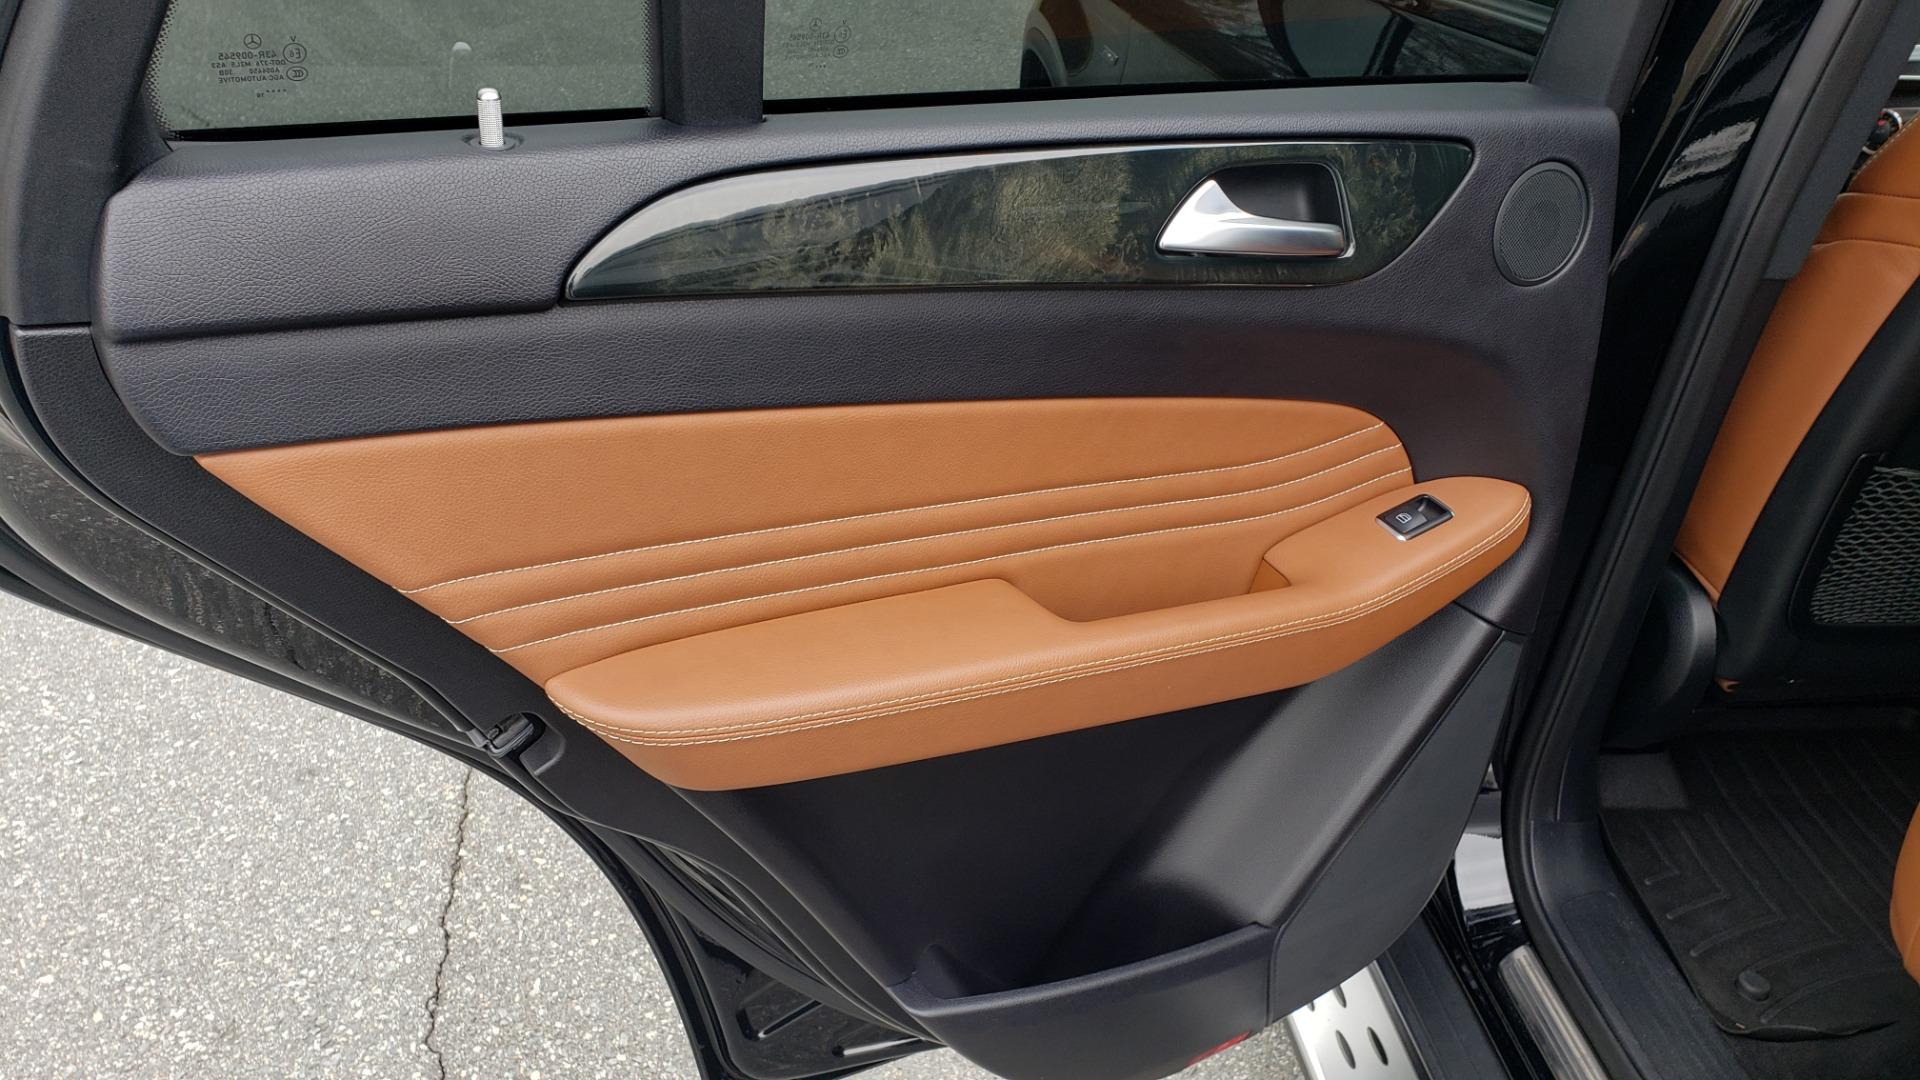 Used 2016 Mercedes-Benz GLE 450 AMG / AWD / PREM PKG / PARK ASST / DRVR ASST / SUNROOF for sale Sold at Formula Imports in Charlotte NC 28227 63